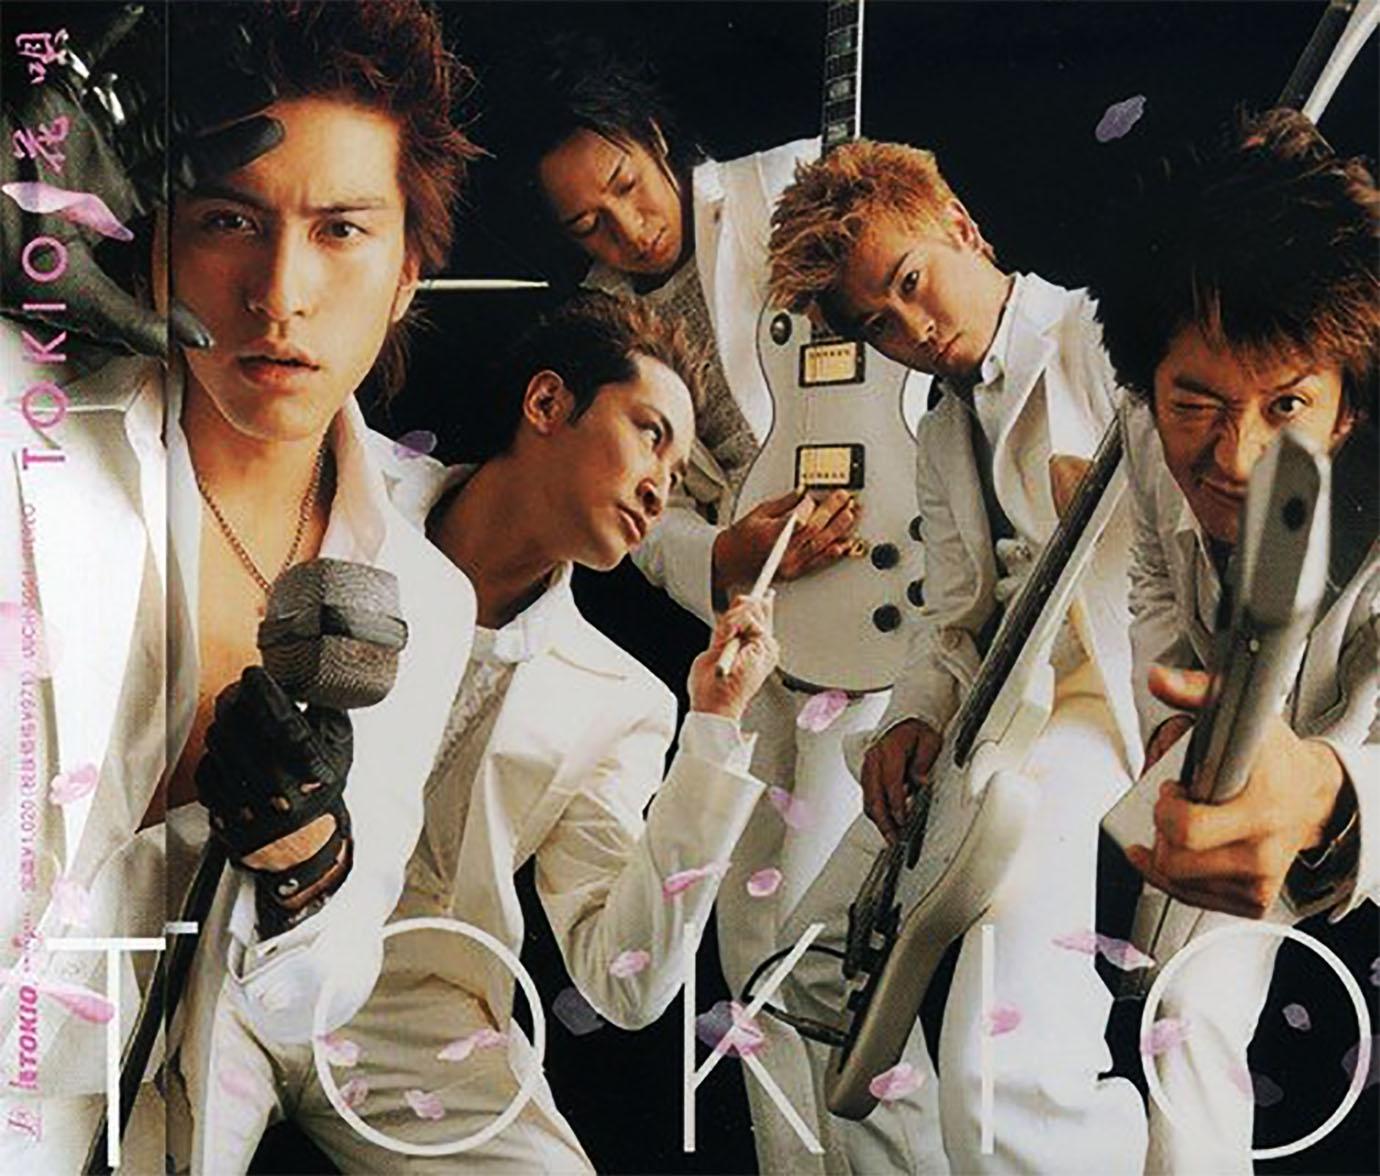 tokio-cd-image1